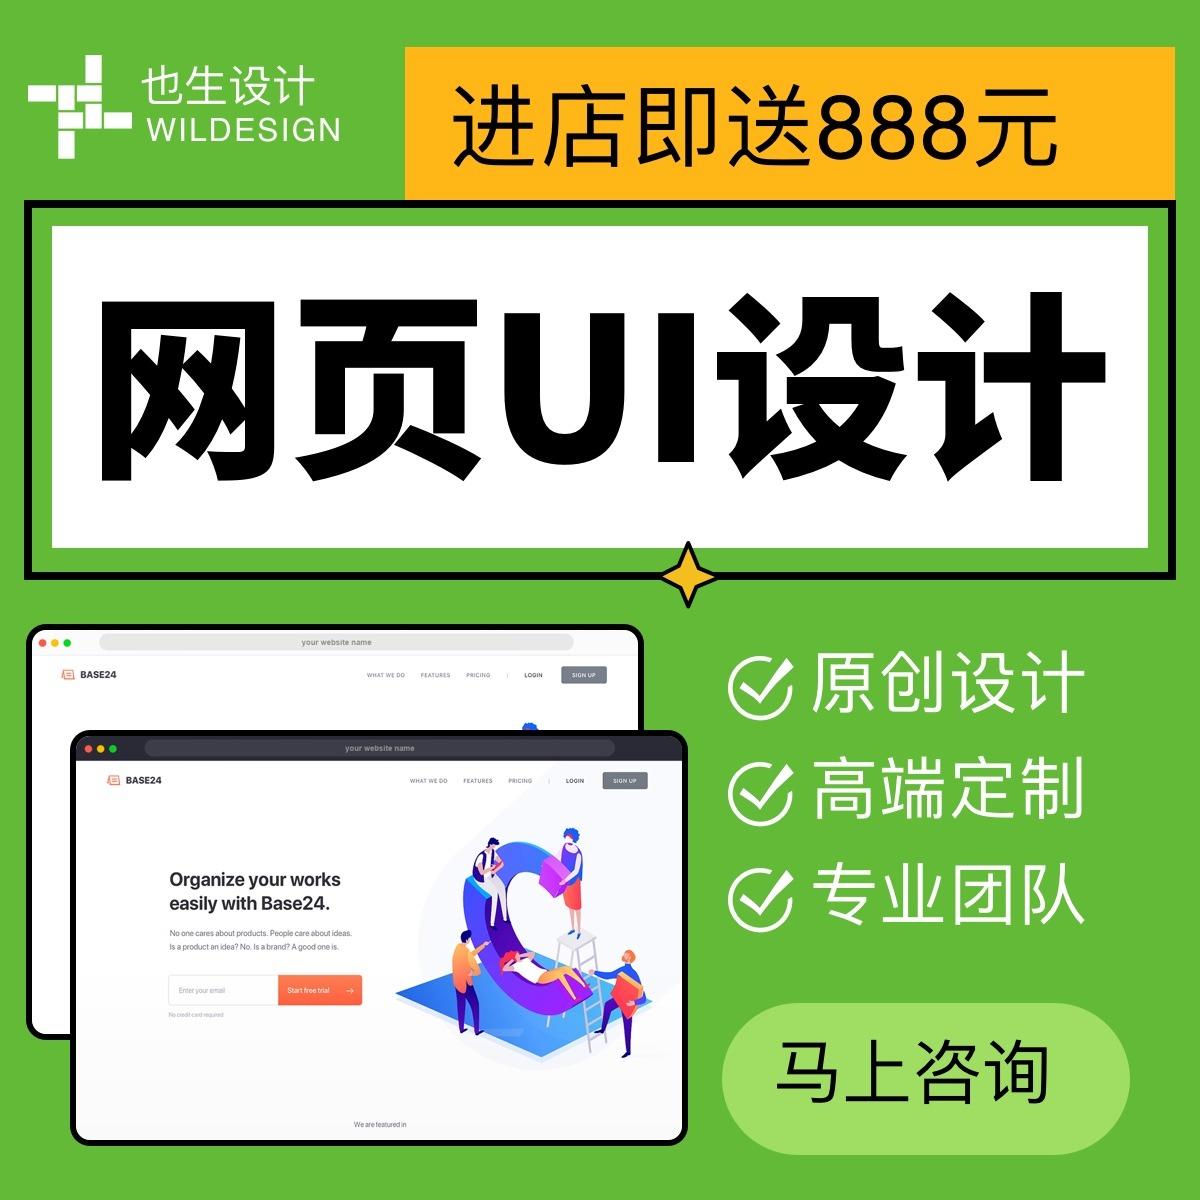 【网页UI设计】网站定制/模版界面/企业公司官网/响应式网页